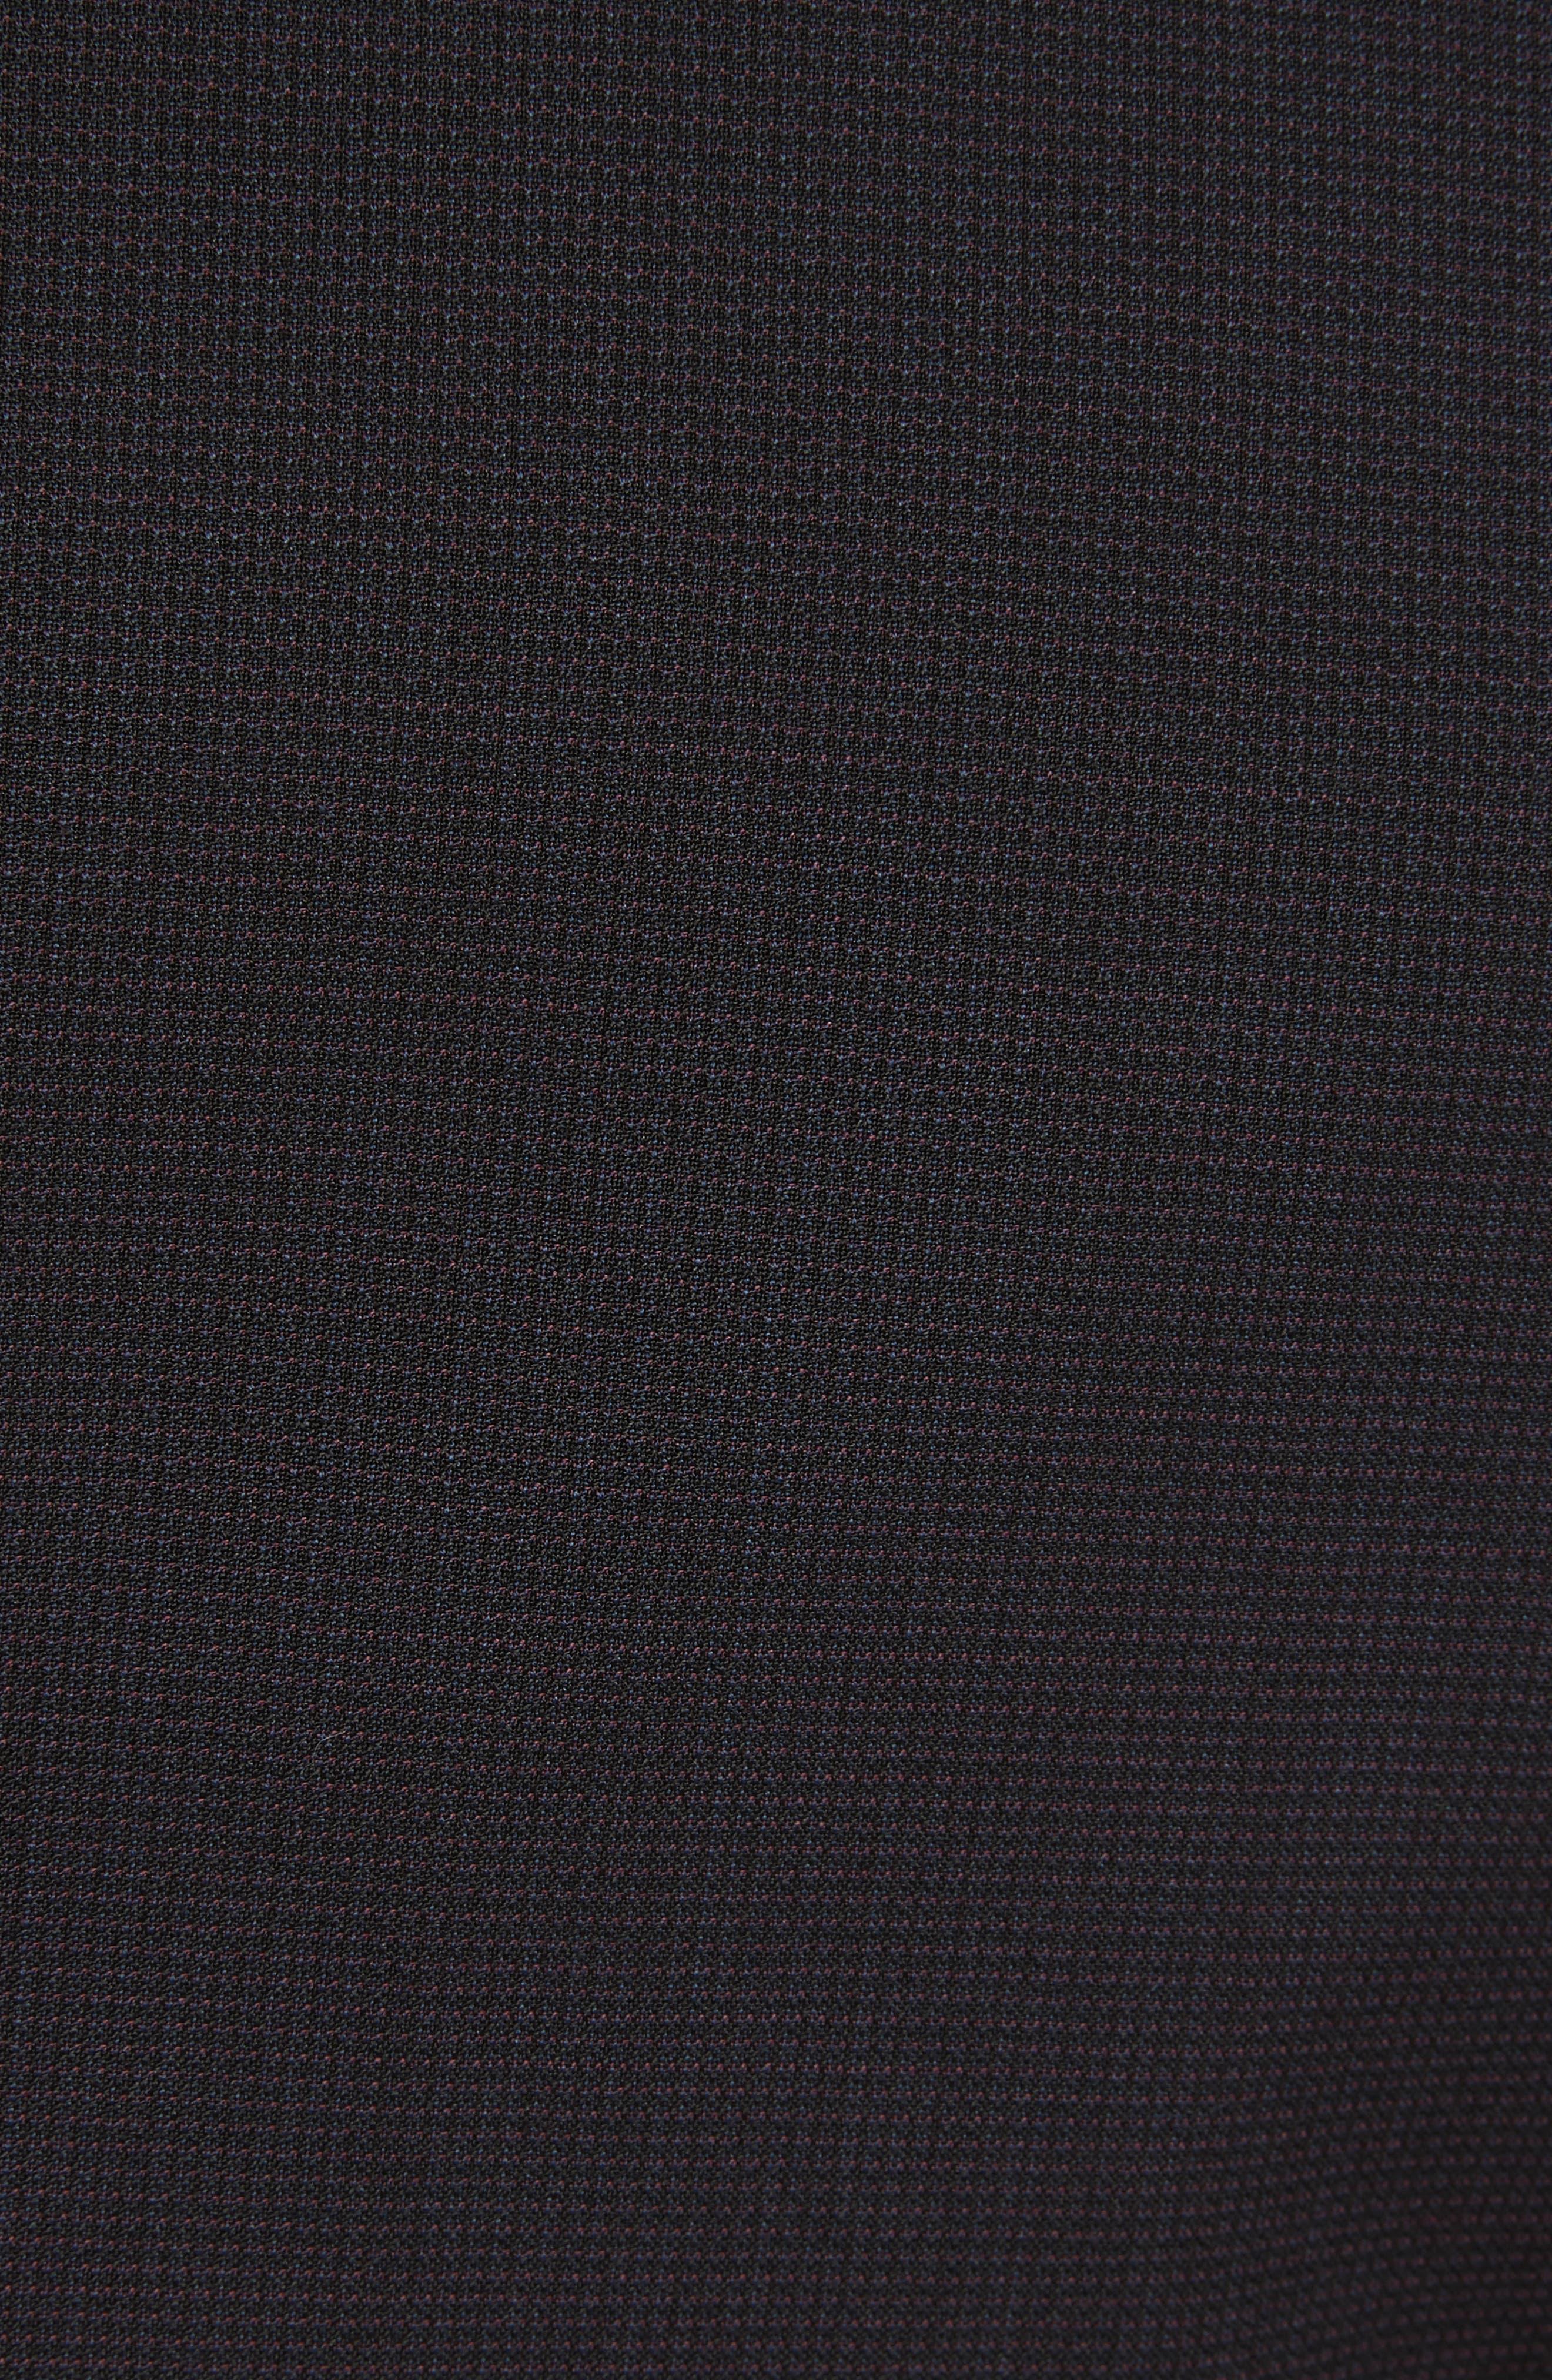 Emporio Armani M-Line Trim Fit Solid Wool Suit,                             Alternate thumbnail 7, color,                             604